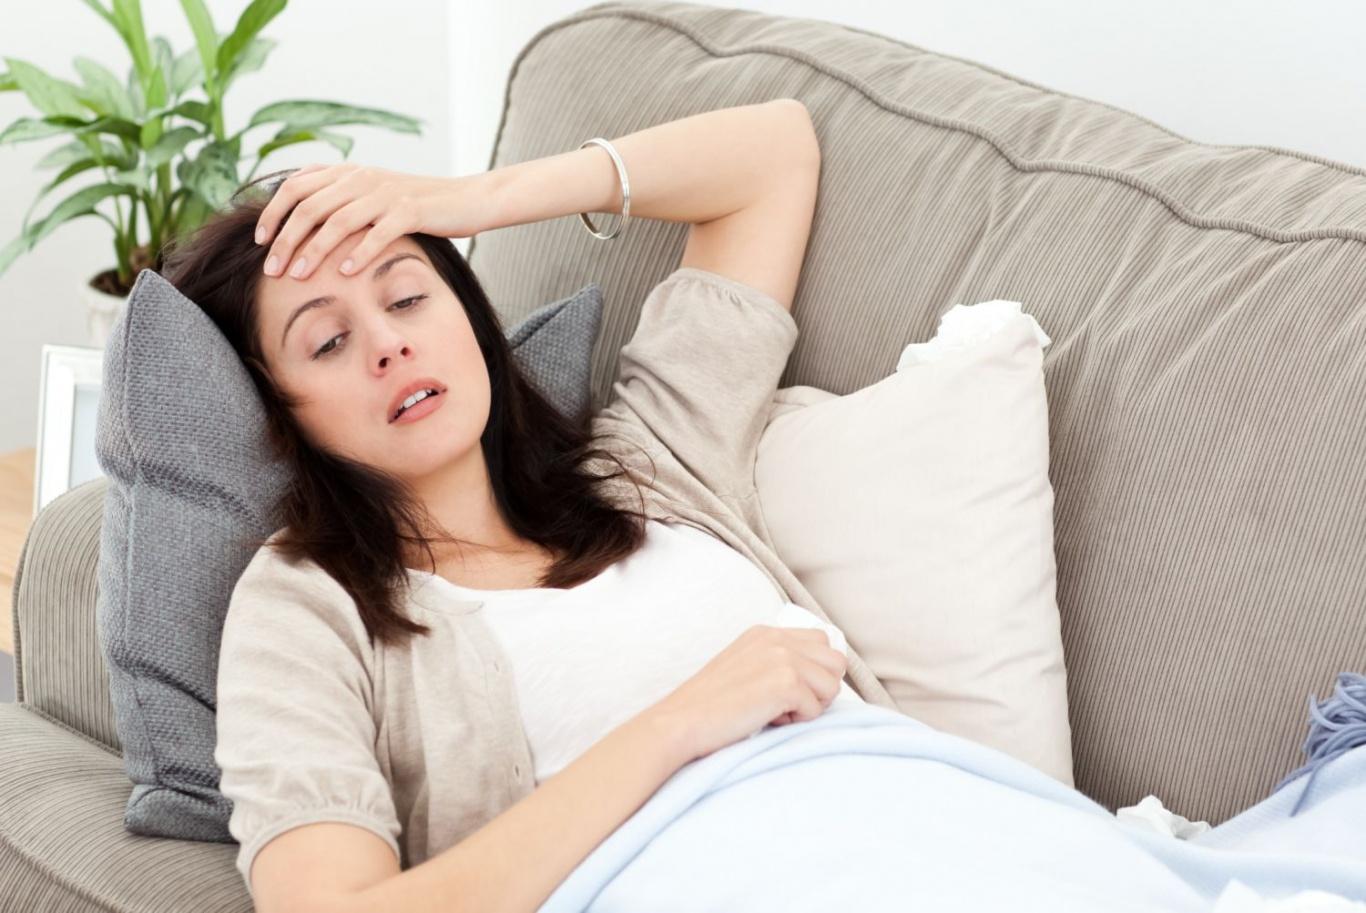 Cảm cúm làm suy nhược sức khỏe con người nhanh chóng và nặng hơn